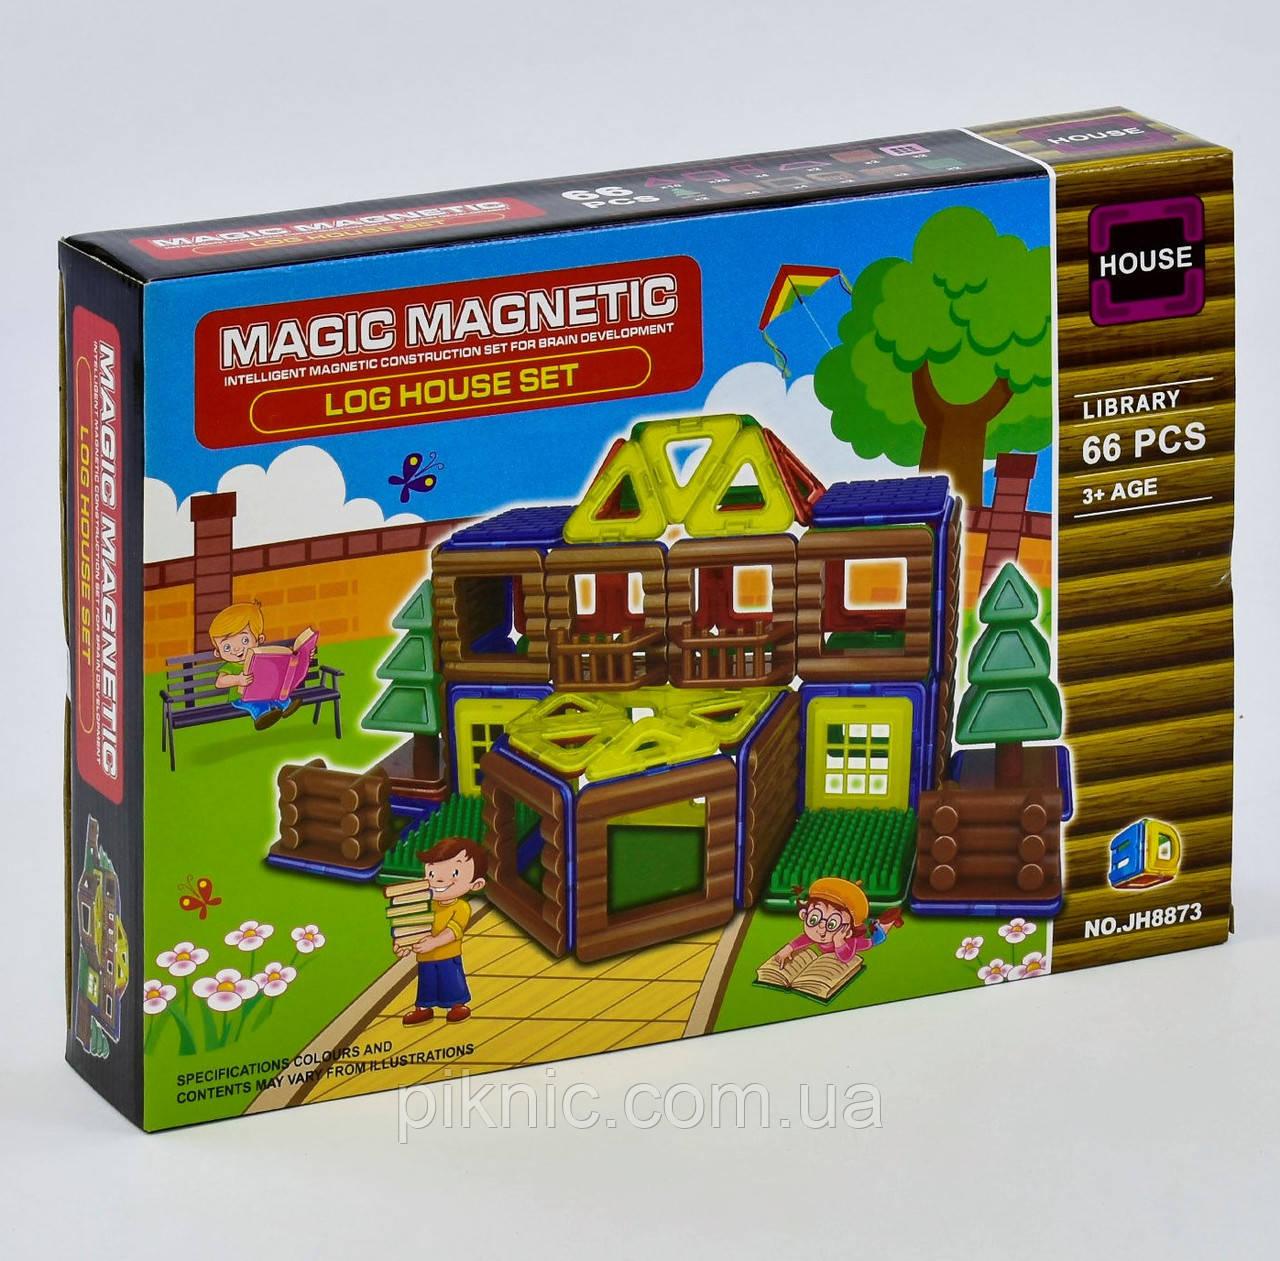 Конструктор магнитный Библиотека для детей, 66 деталей. Детский игровой набор